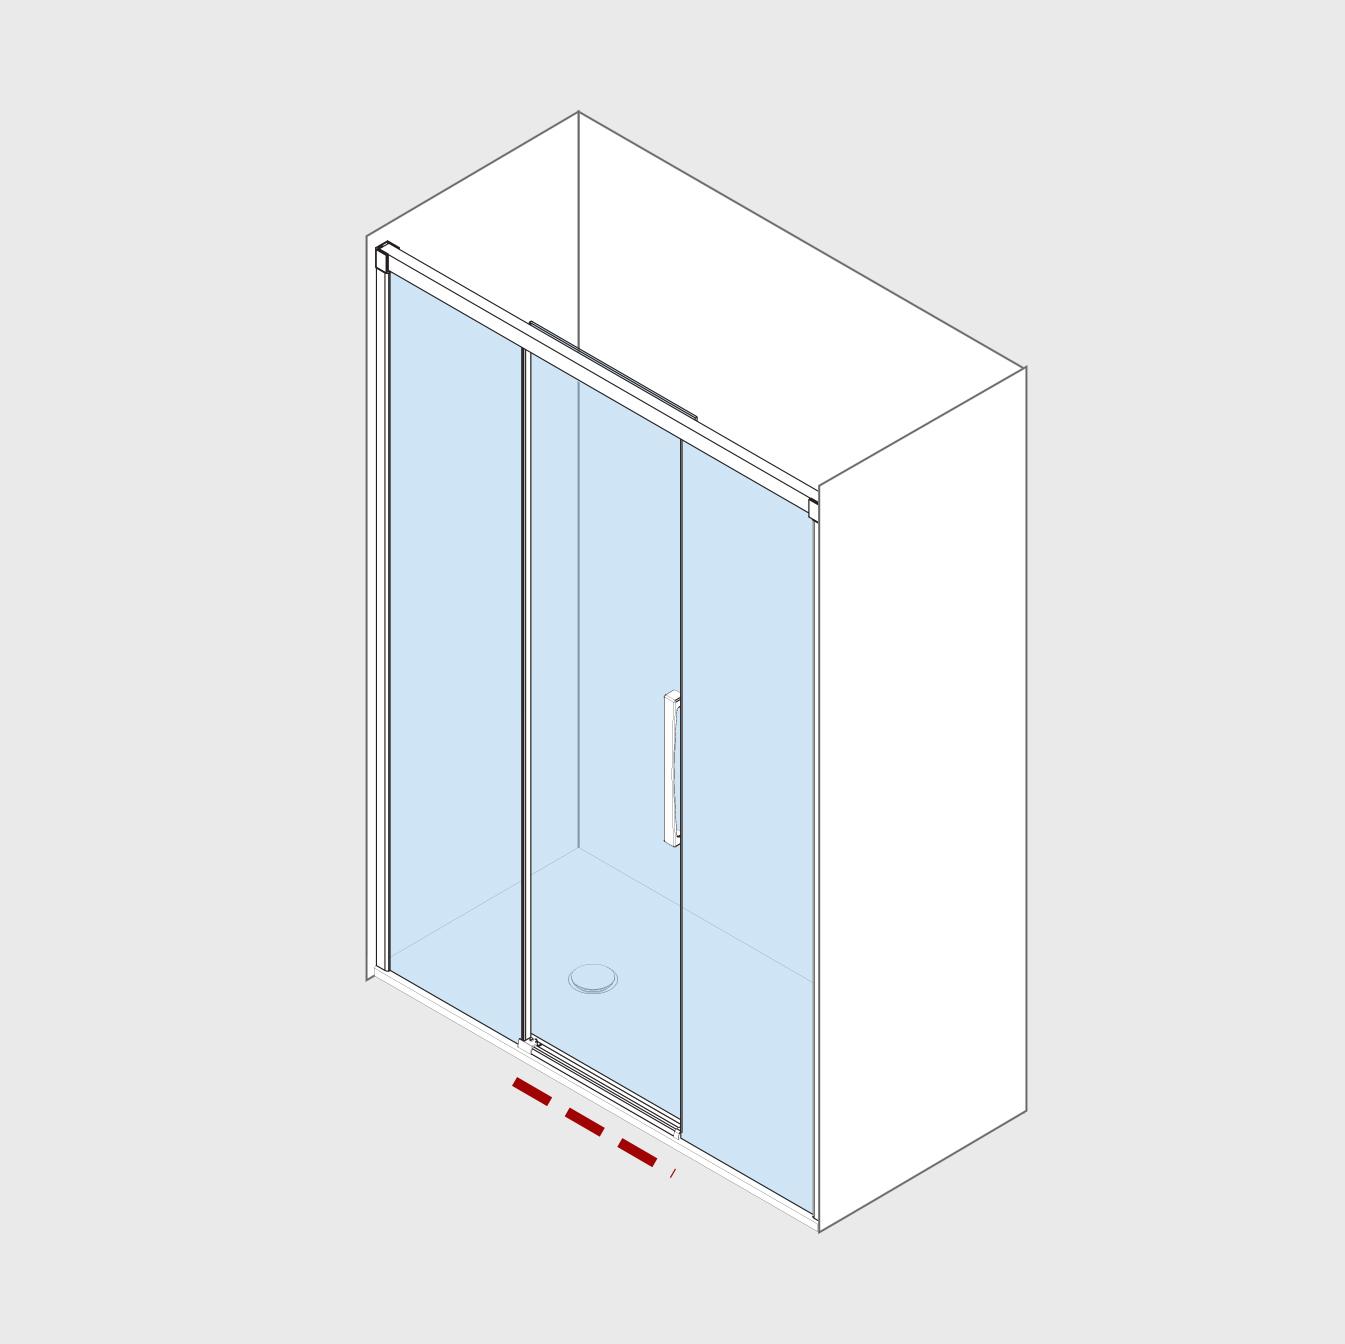 Mampara de ducha Frontal (2 fijas + 1 Corredera central)